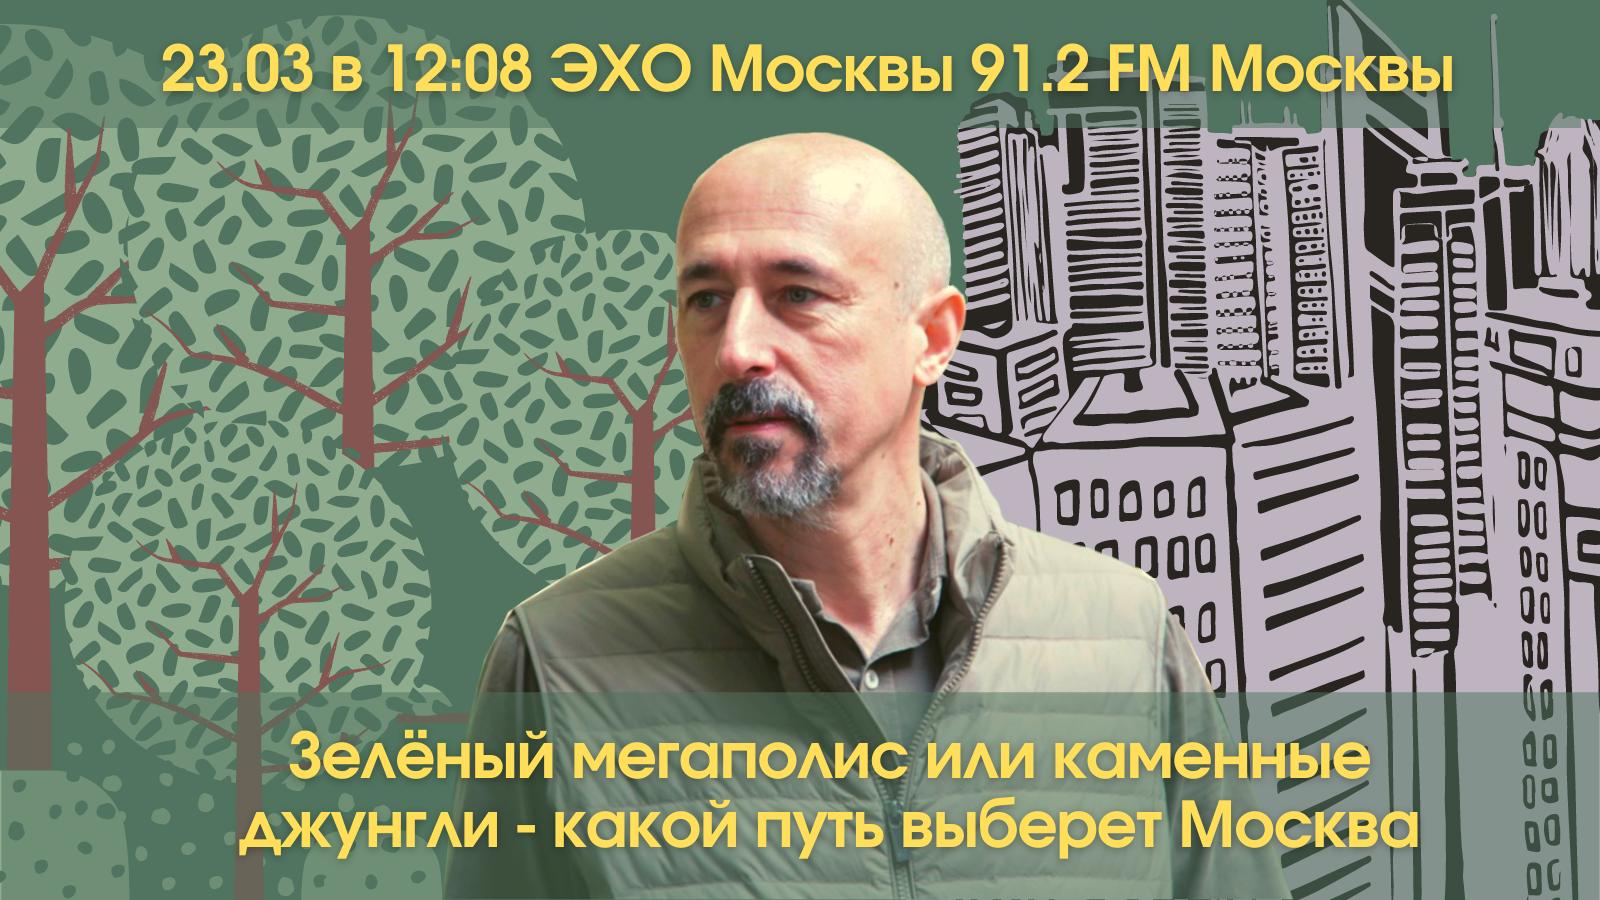 Зелёный мегаполис или каменные джунгли - какой путь выберет Москва